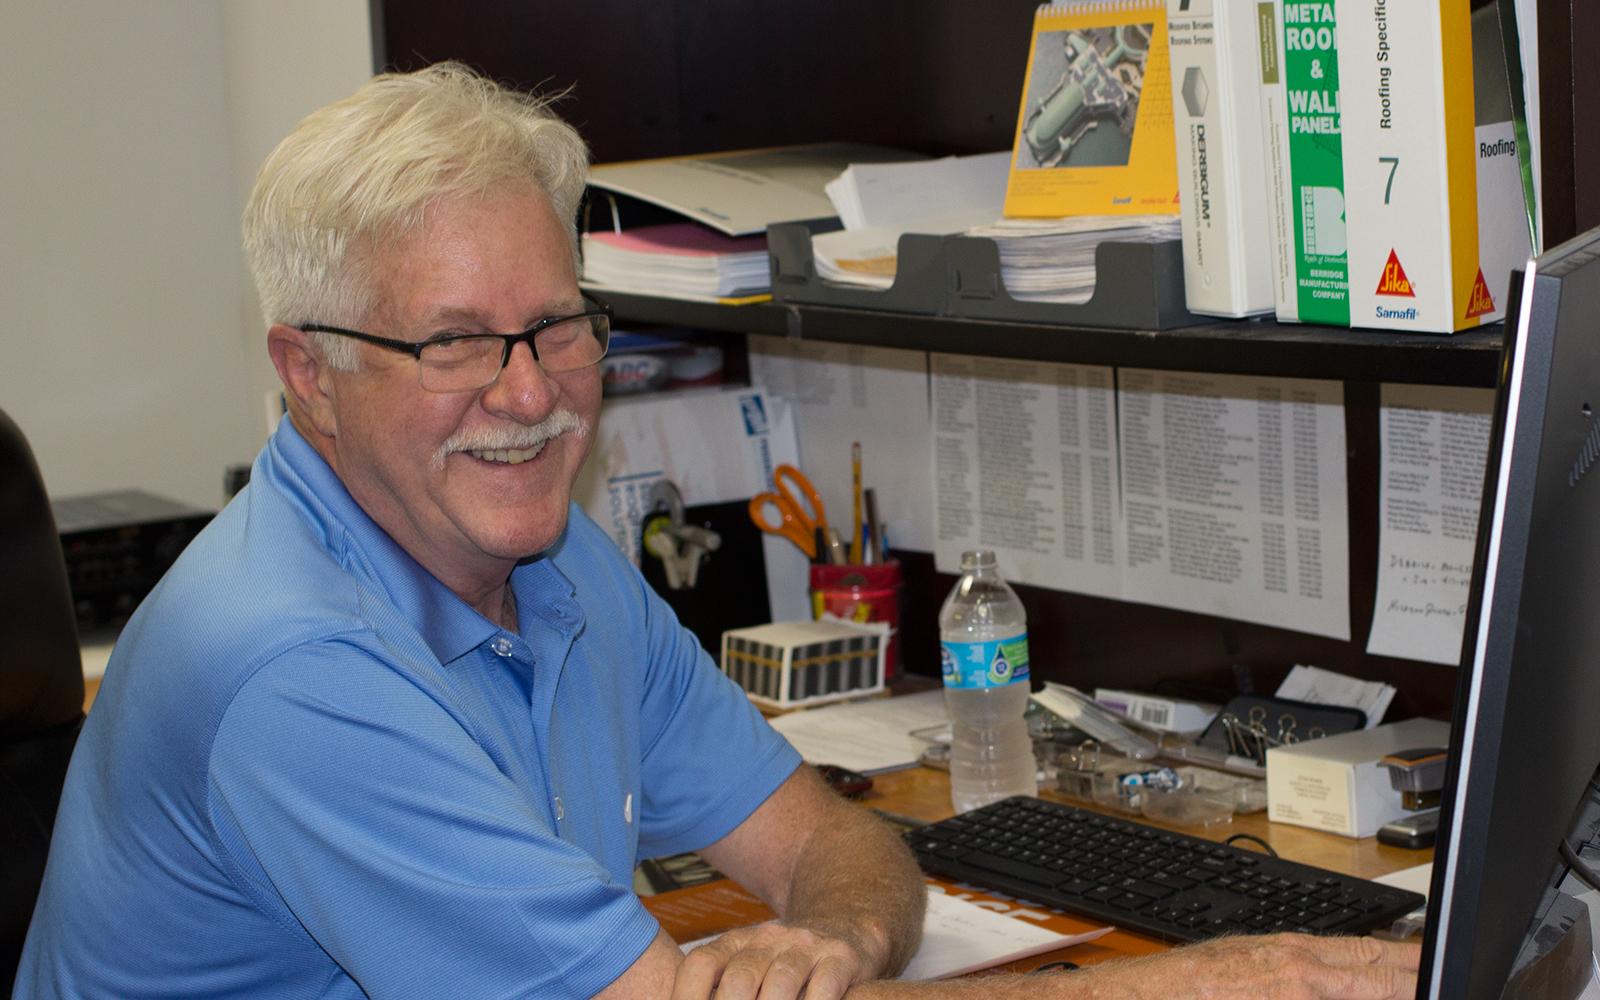 Stan Roark